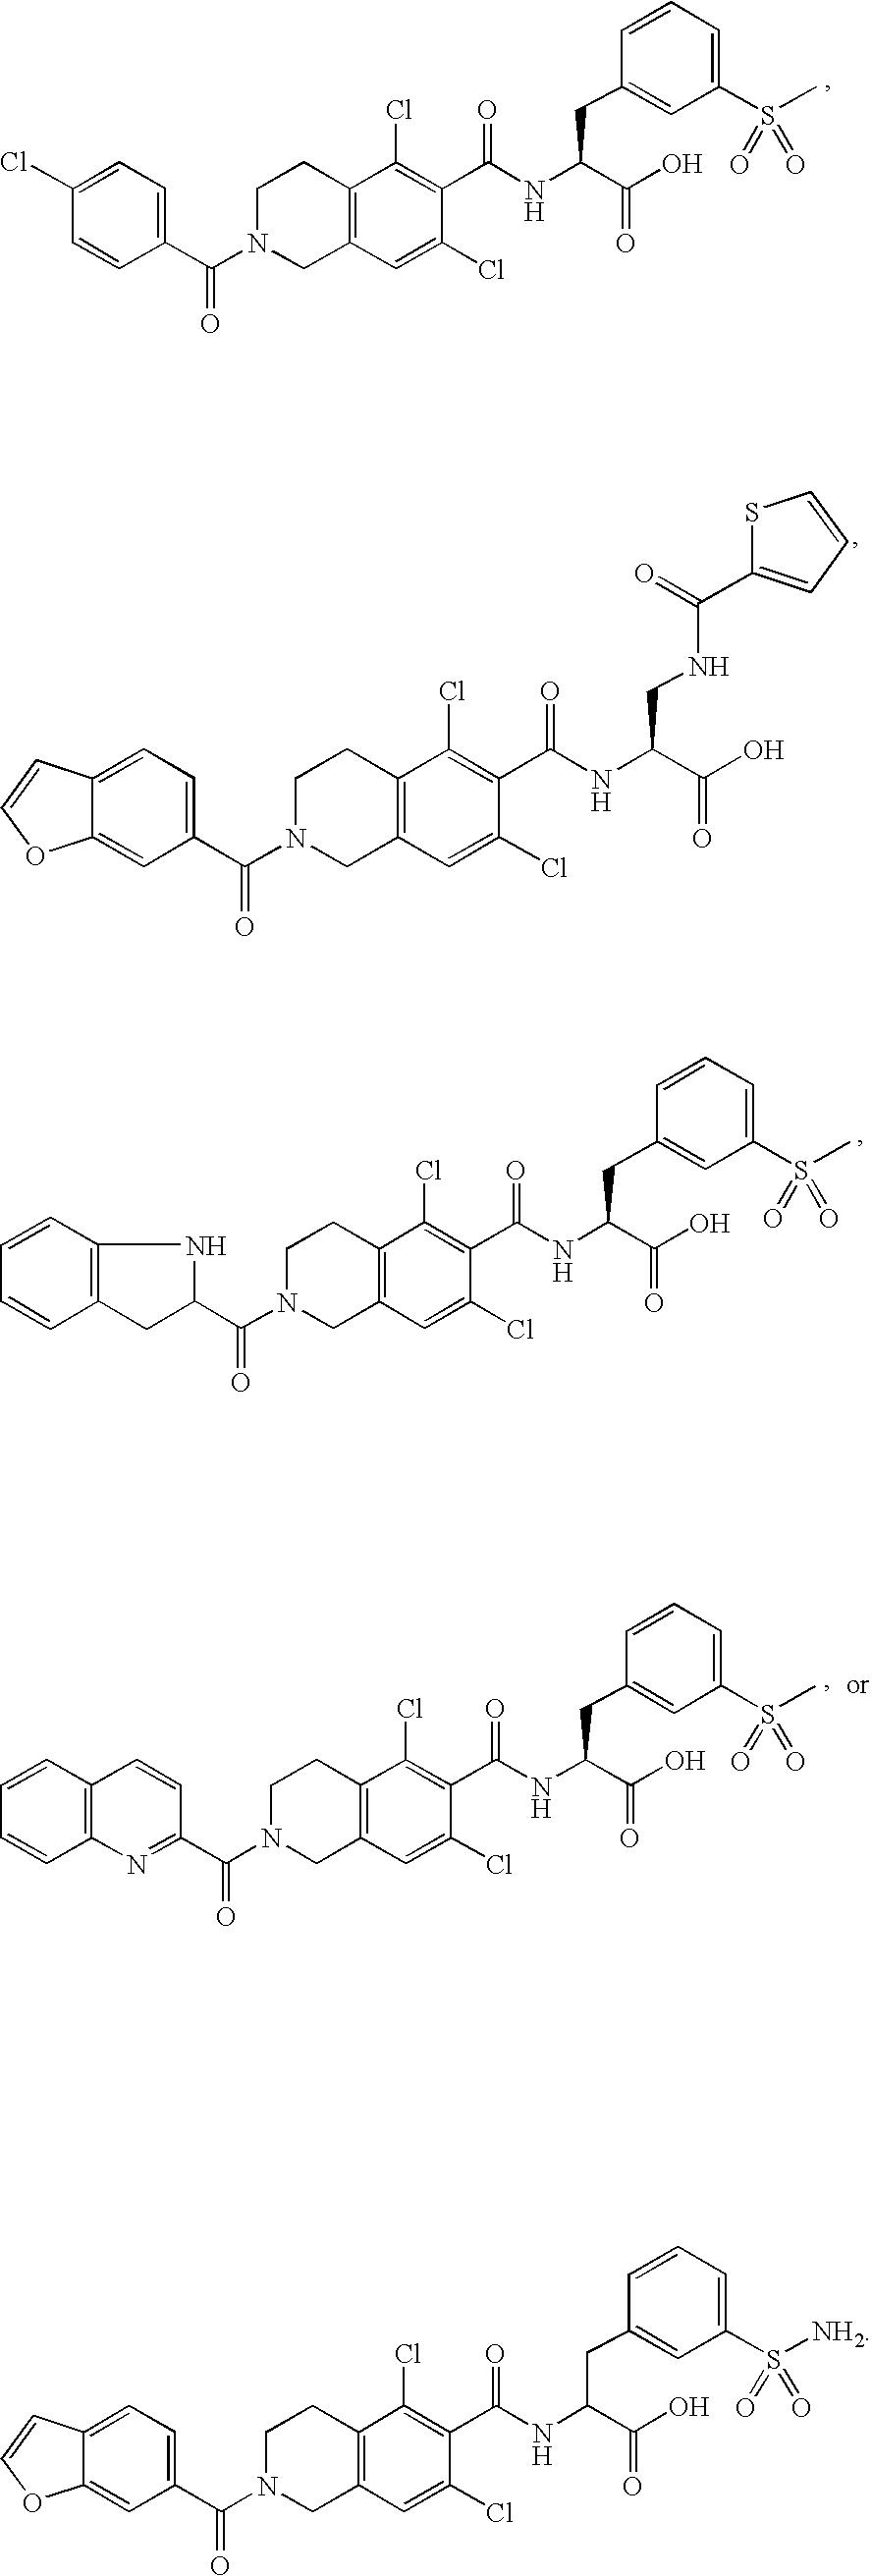 Figure US07790743-20100907-C00260